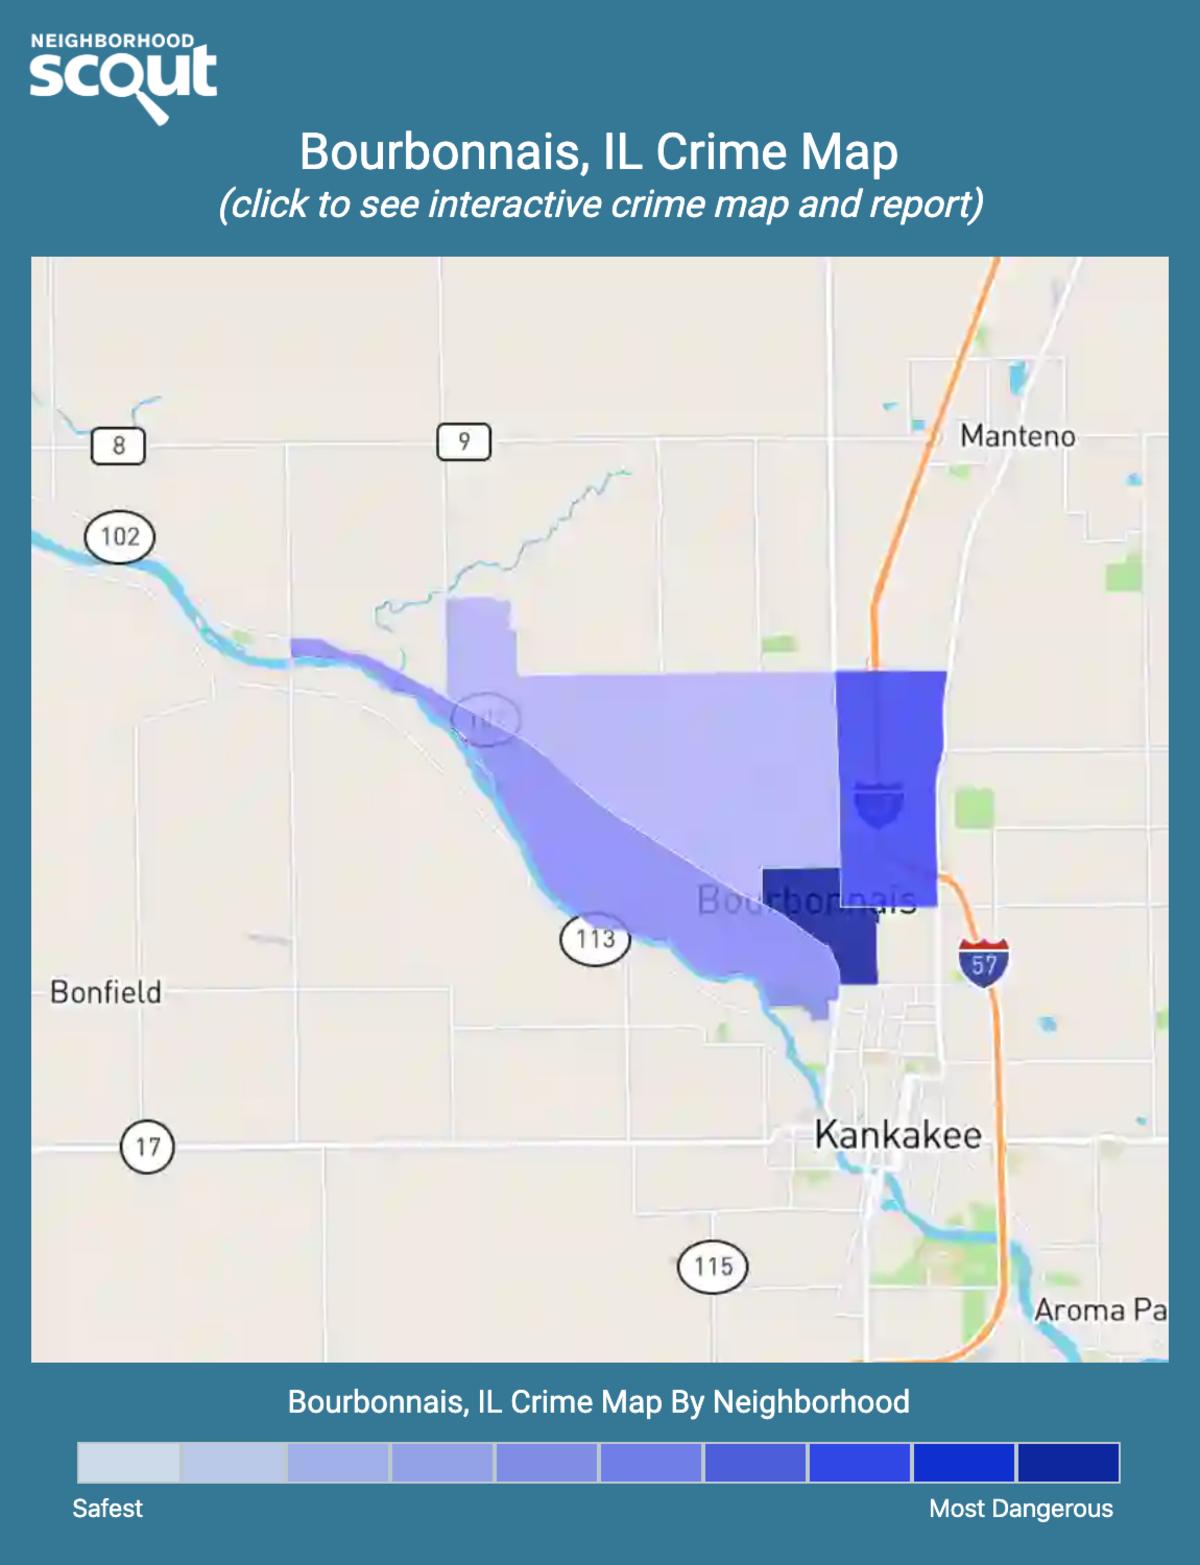 Bourbonnais, Illinois crime map